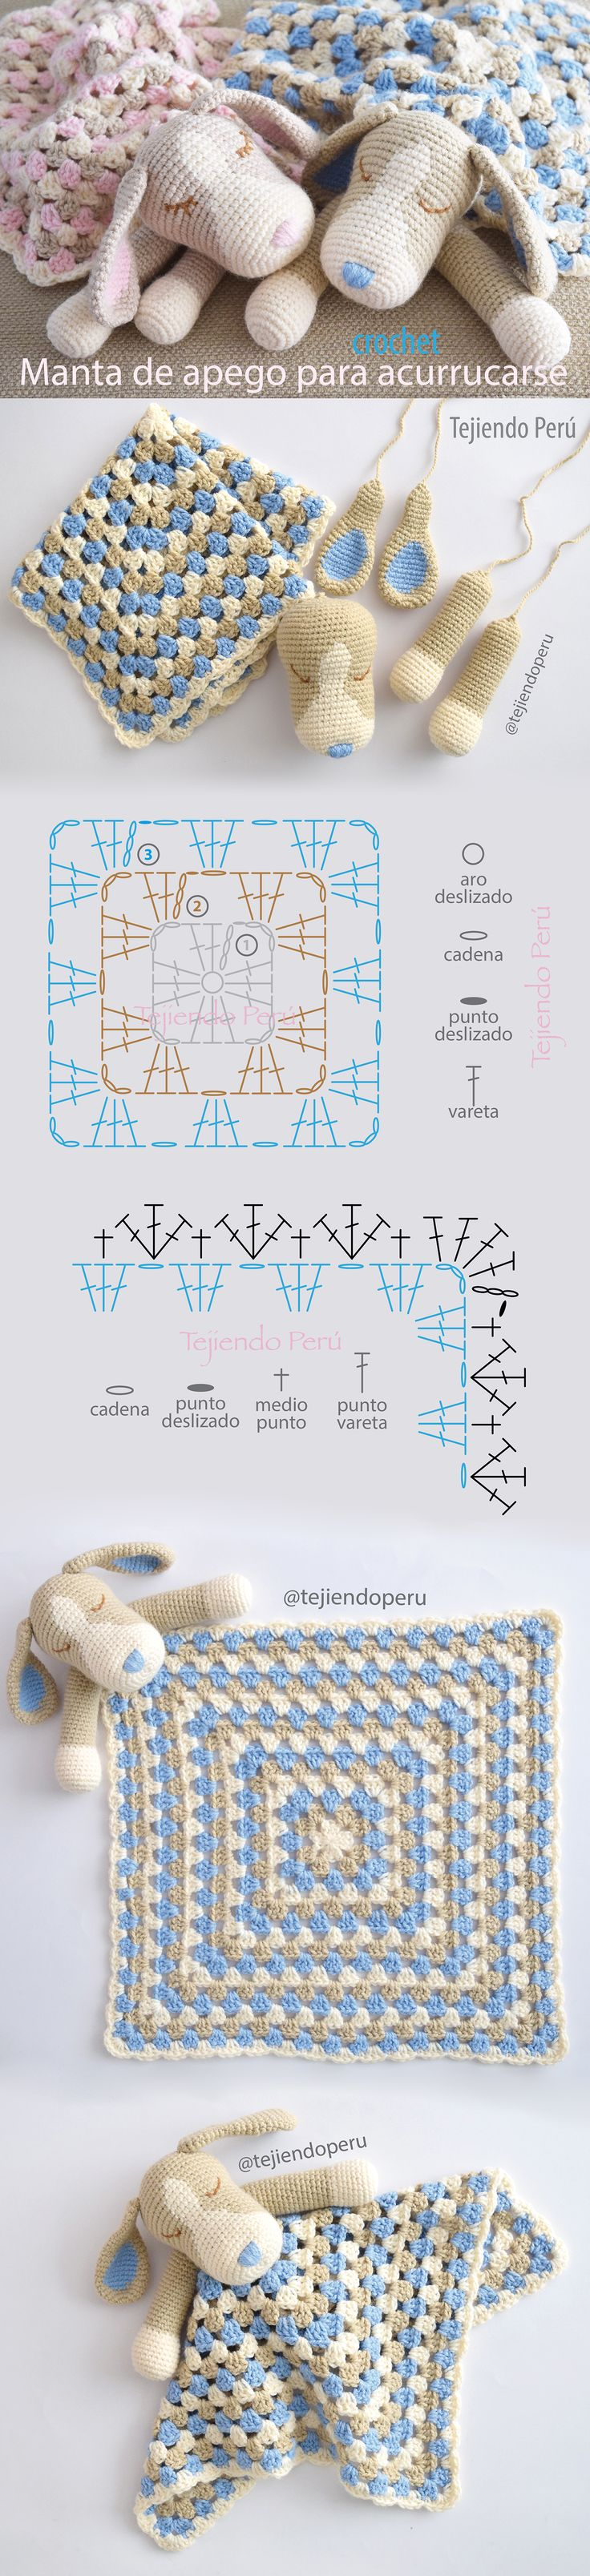 Colcha con perritos o manta de apego para acurrucarse tejida a #crochet: paso a paso en video! #amigurumi #ganchillo #cobija